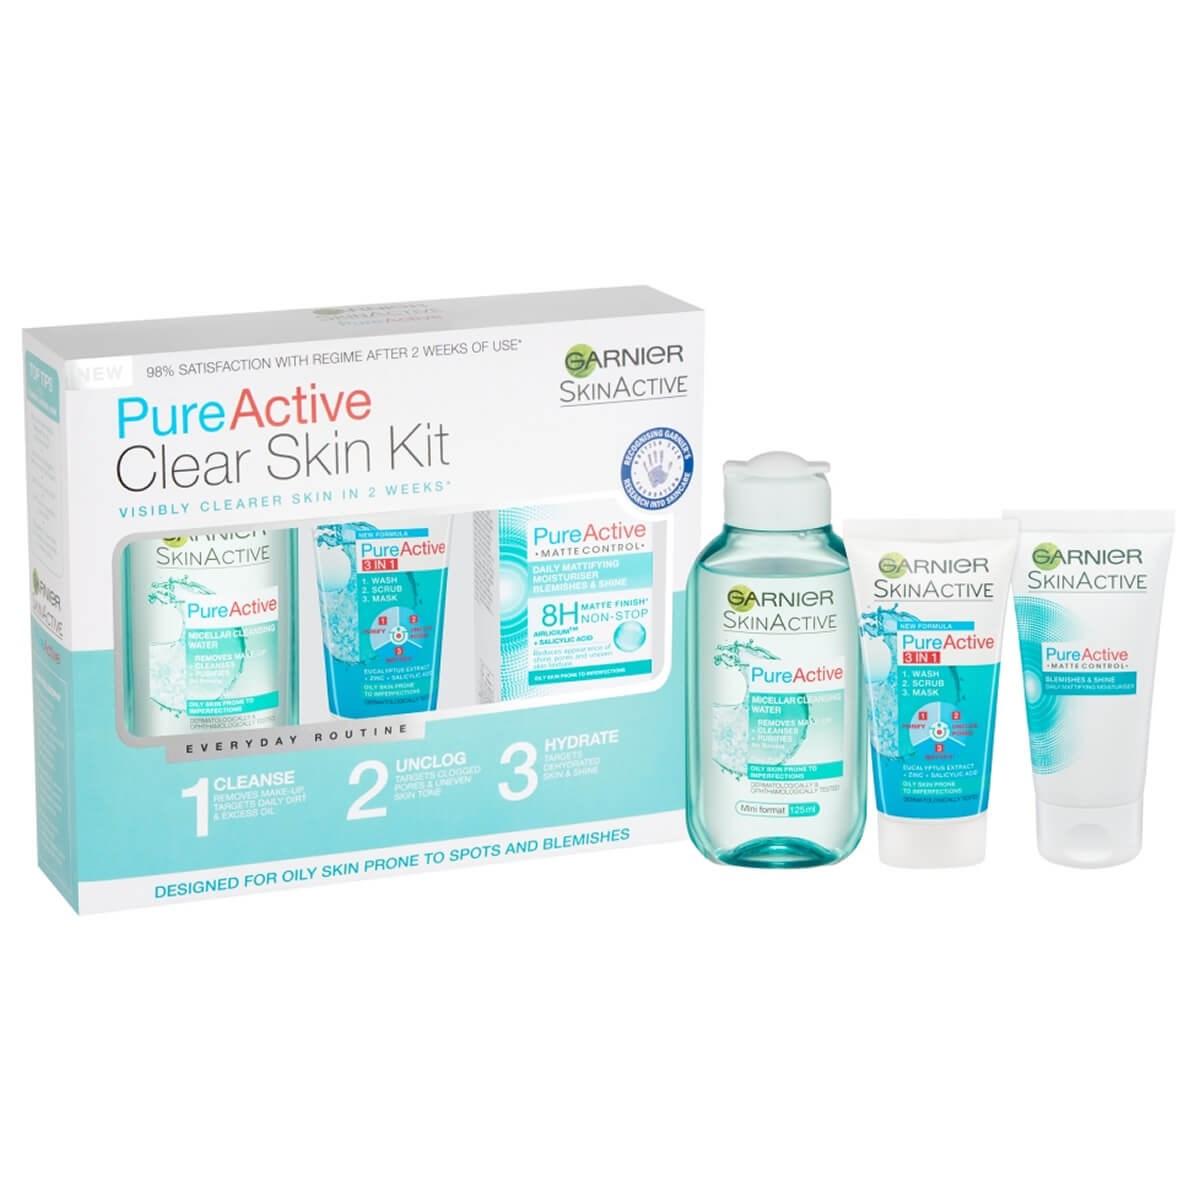 Garnier Pure Active Clear Skin Kit